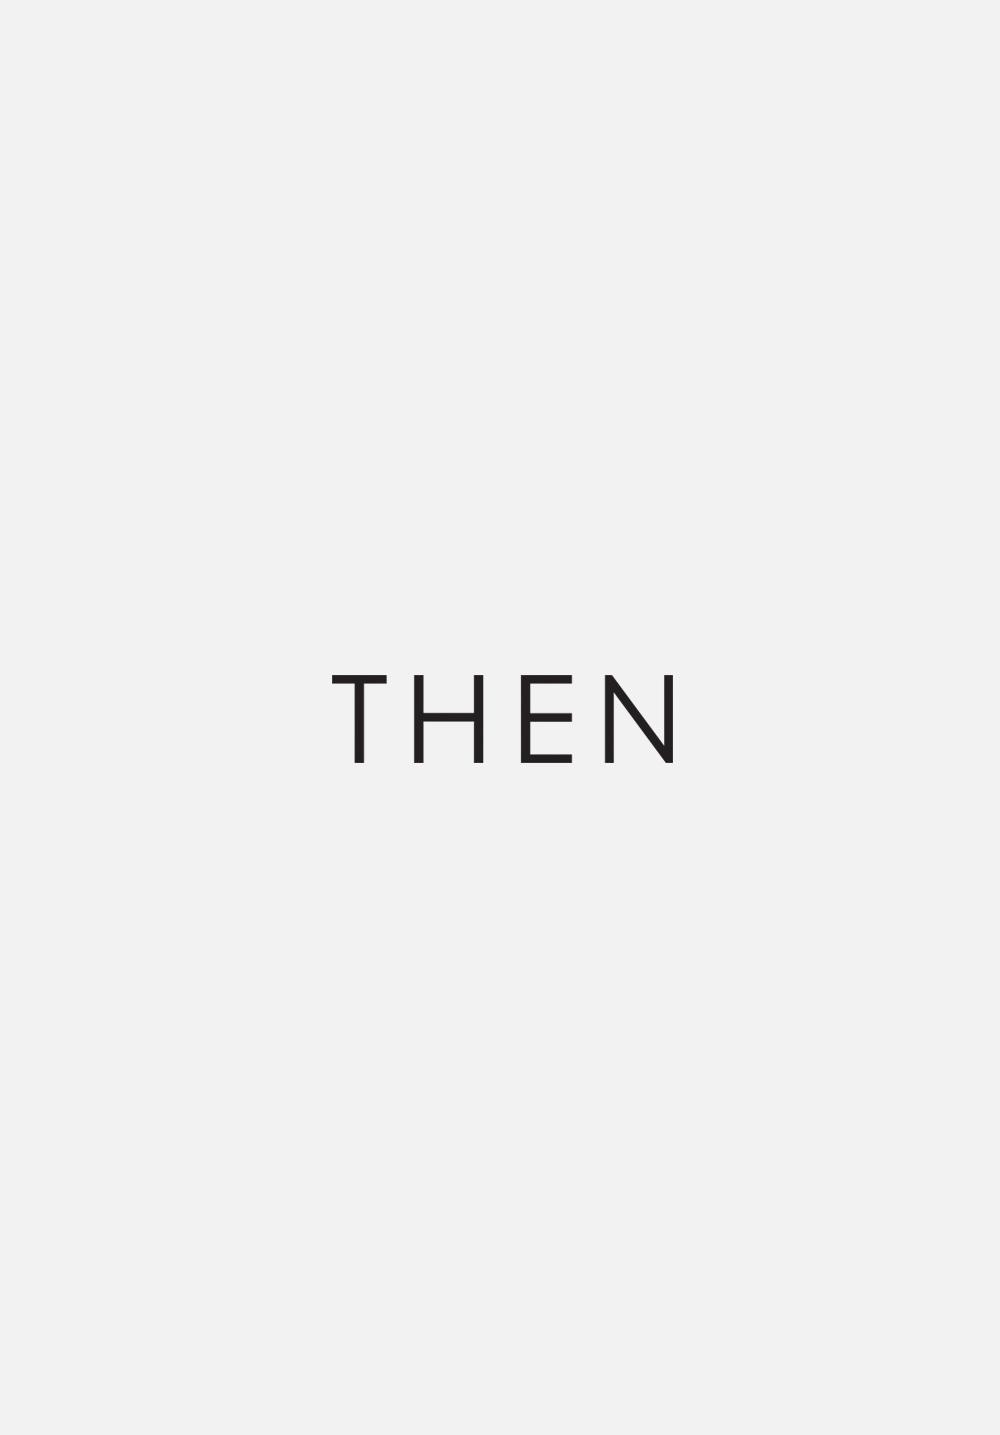 THEN-vertical-logo.jpg